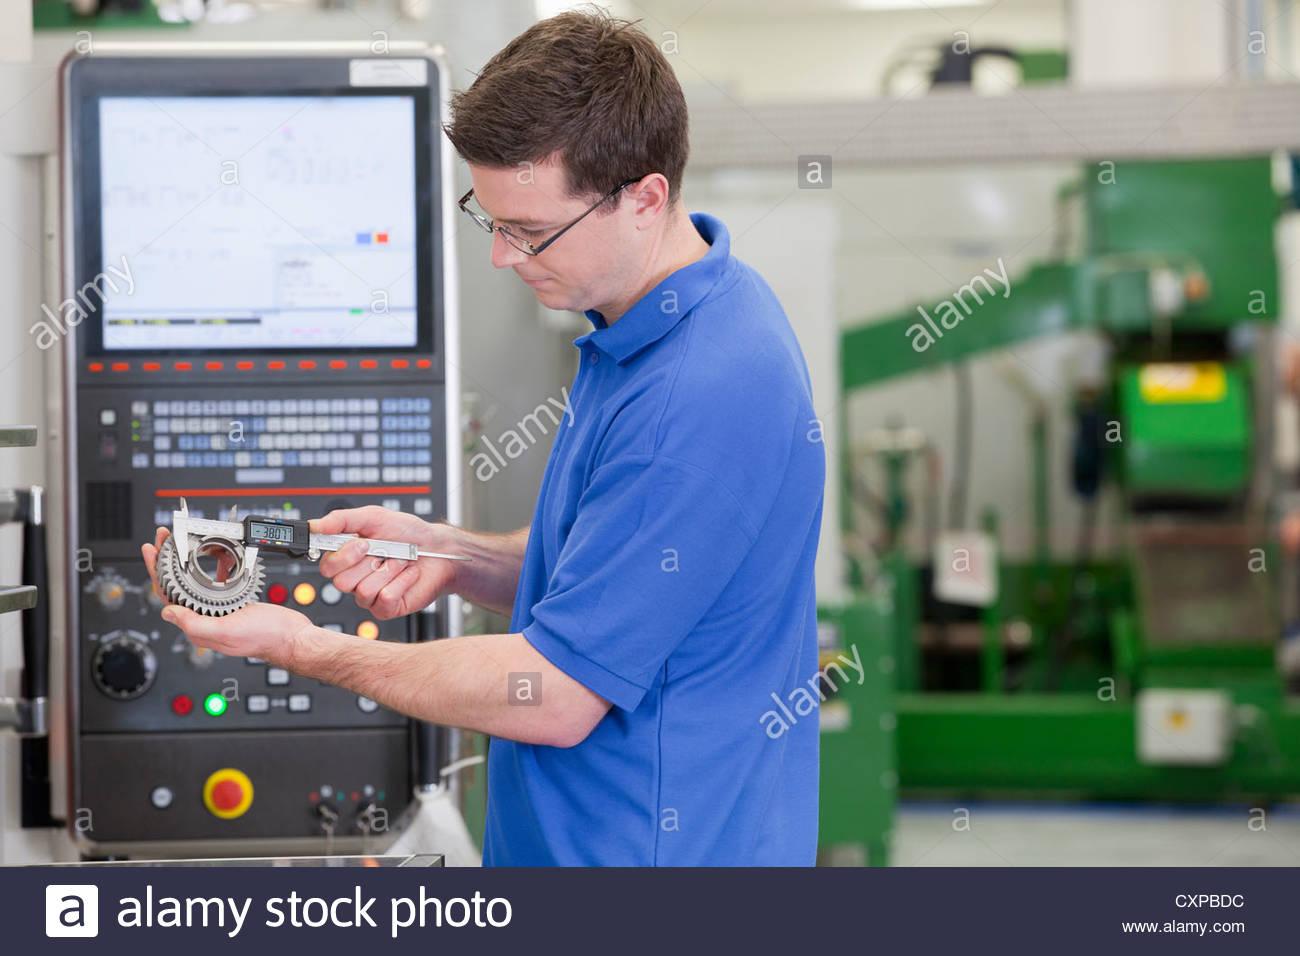 Techniker messen Zahnrad mit Vernier Bremssattel vor Schneidemaschine Drehbank in Hightech-Produktionsanlage Stockfoto